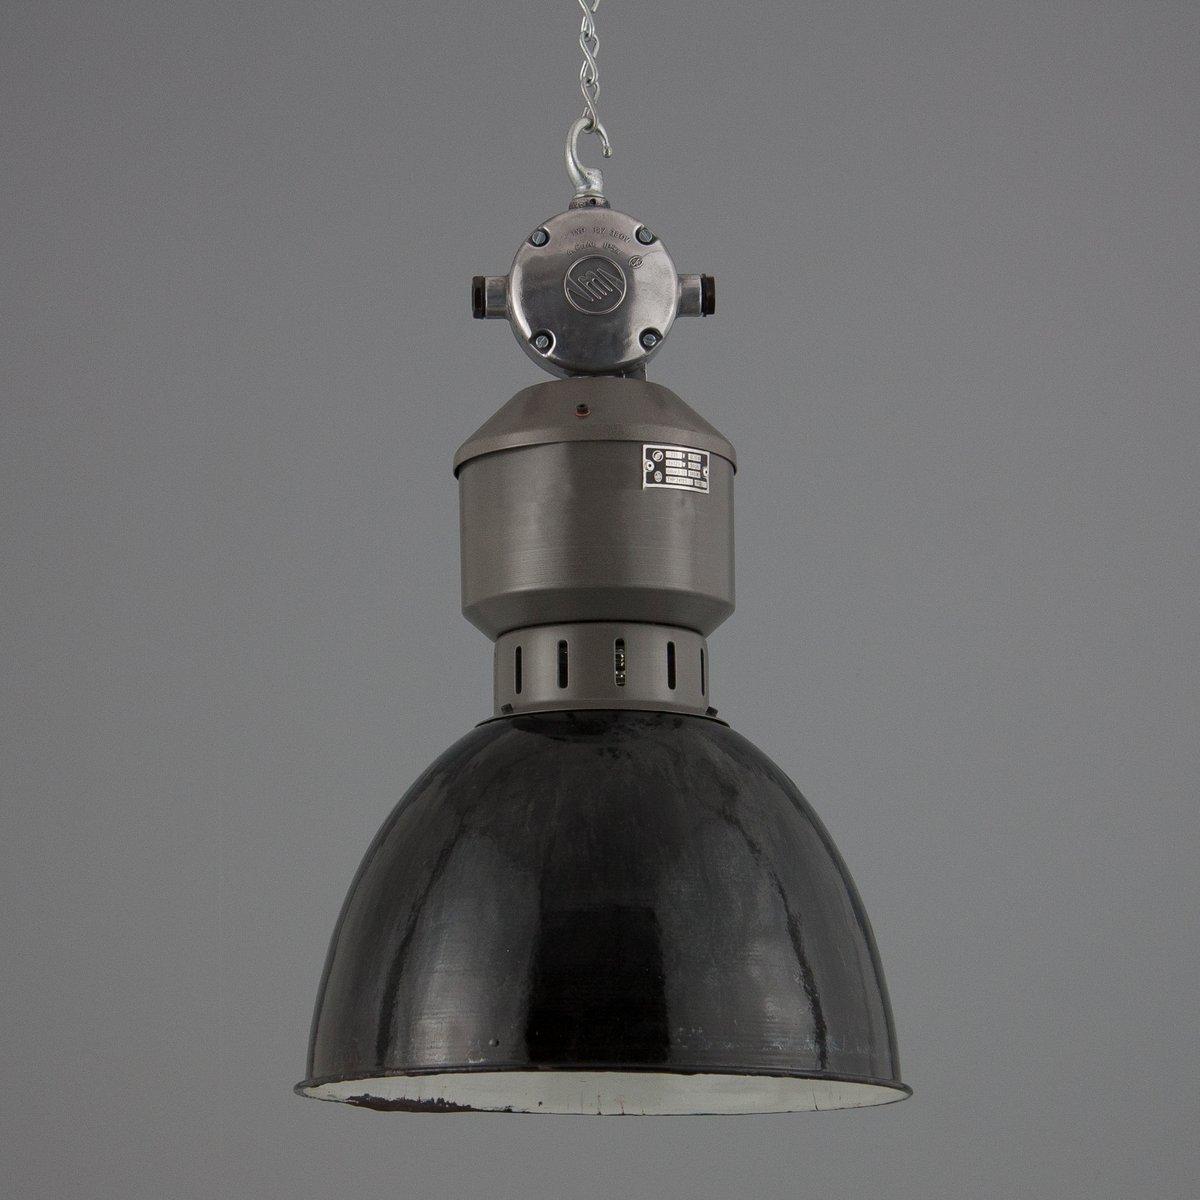 Industrielle Emaille & Stahl Hängelampe, 1950er